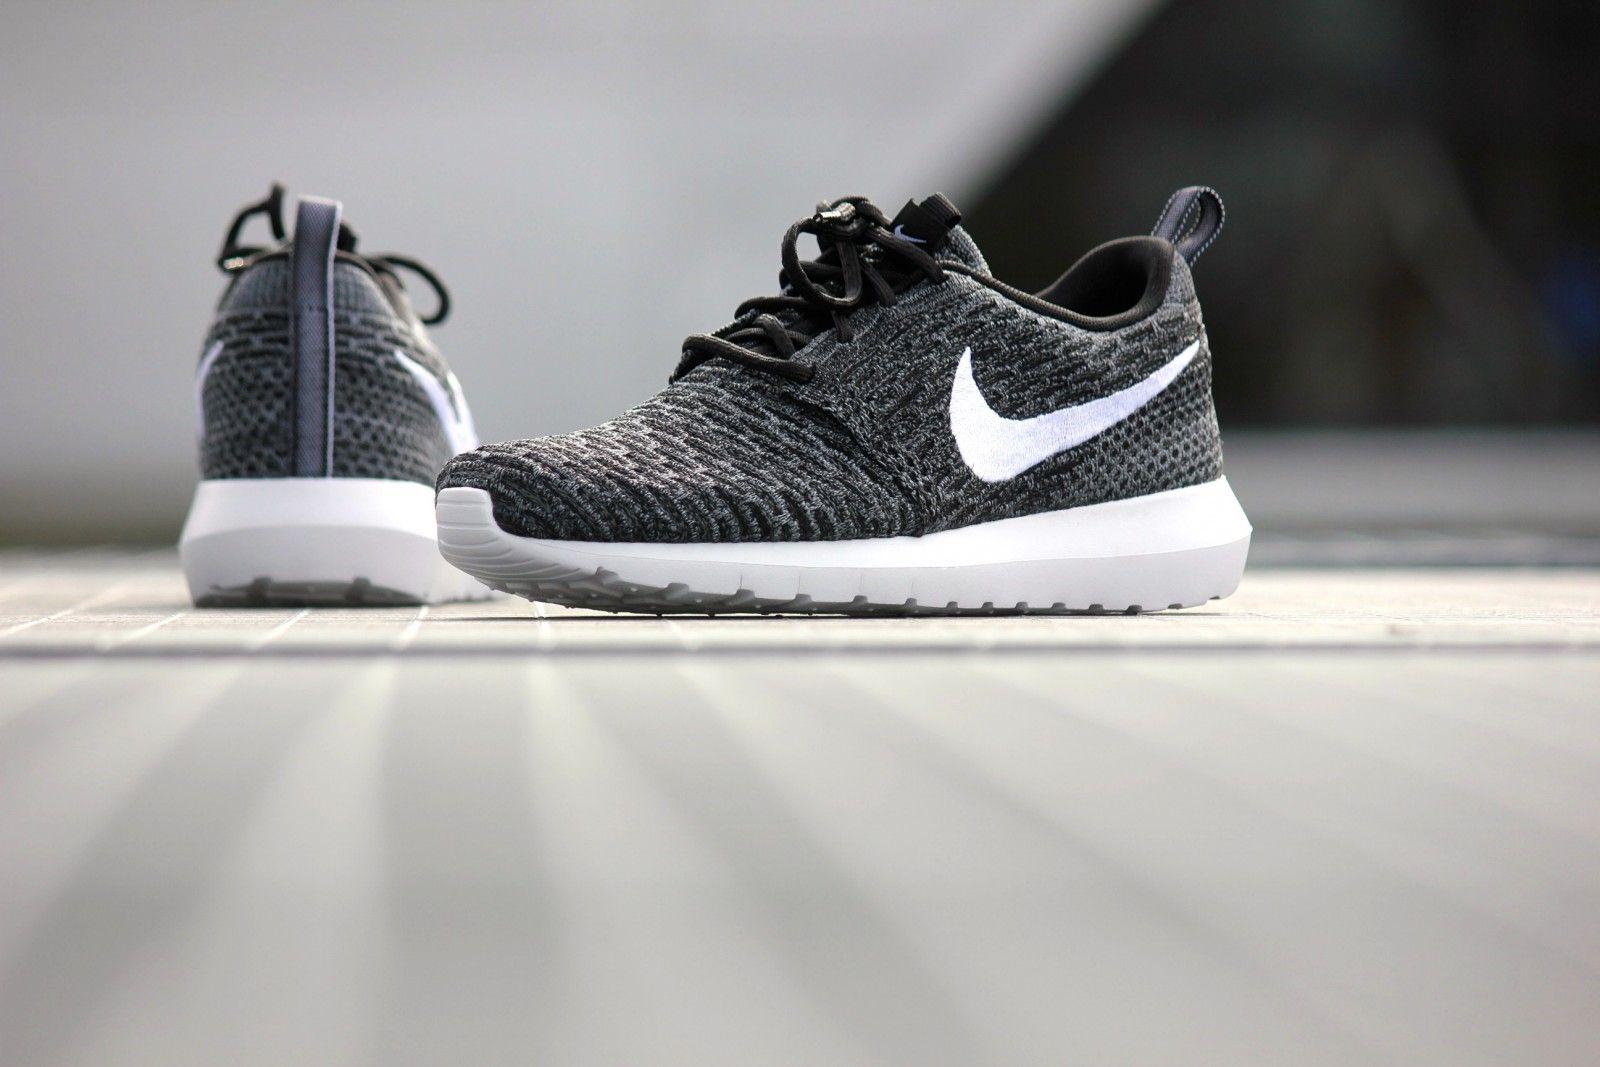 Nike Roshe NM Flyknit Black White - 677243-010